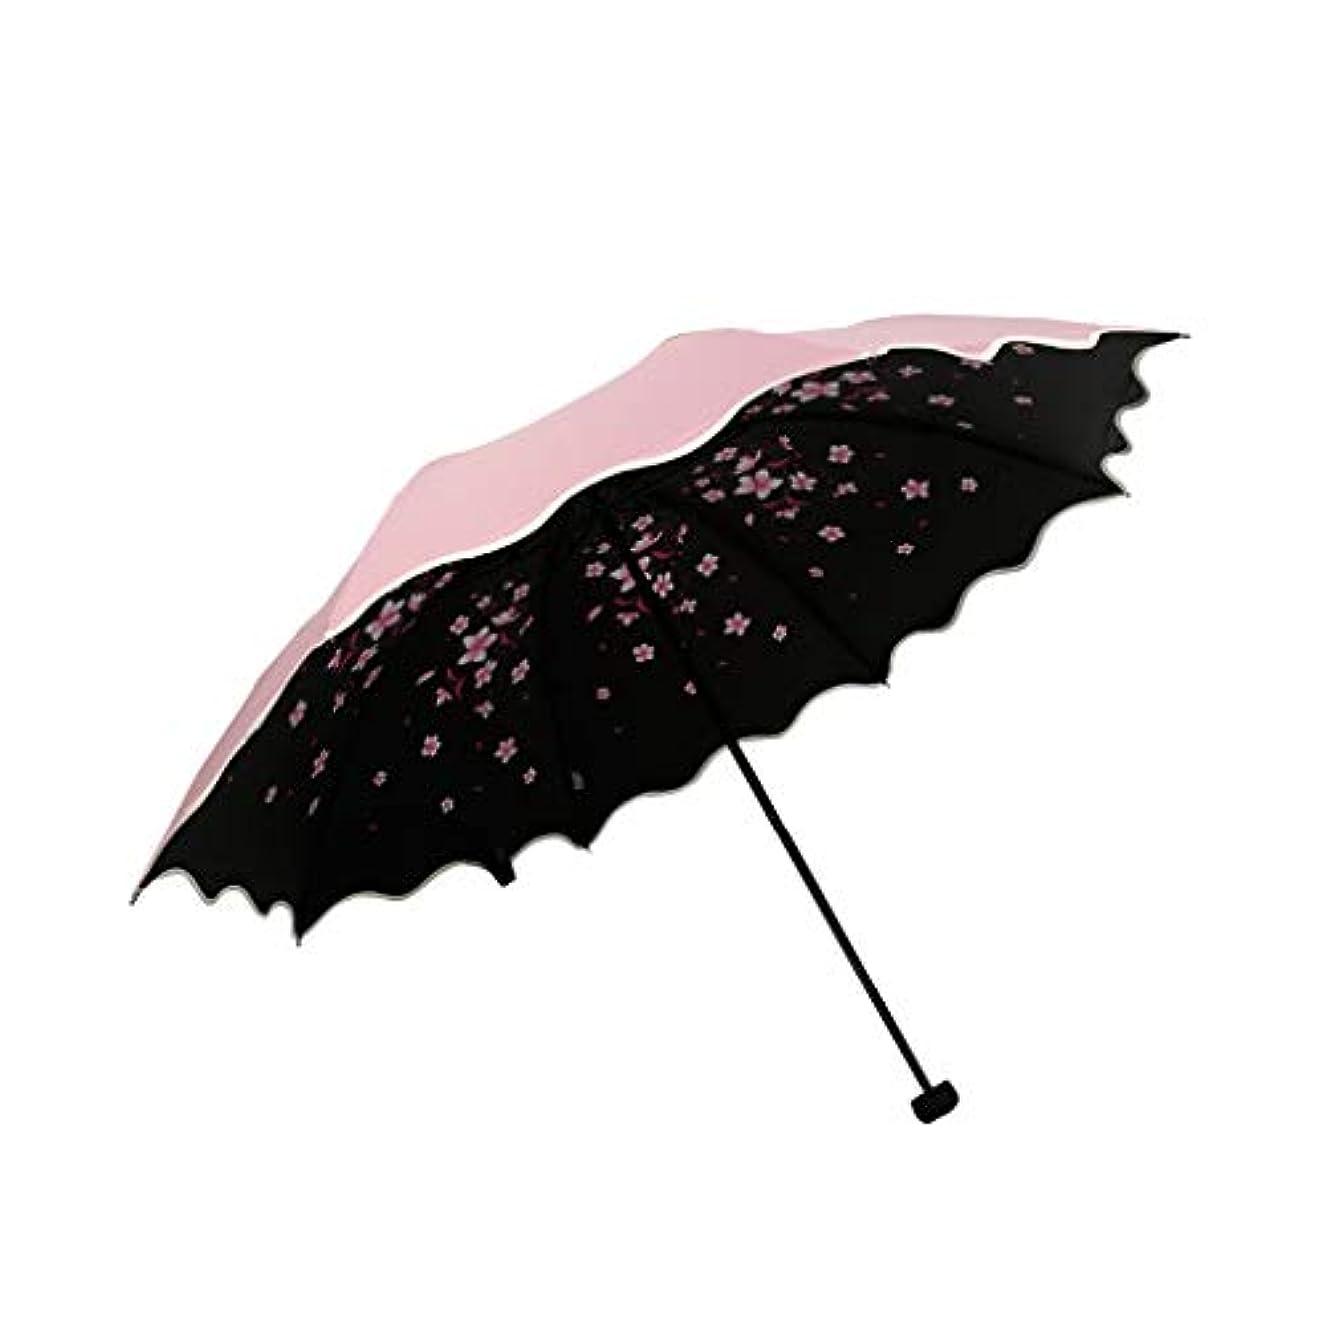 作り上げるコードレス終わりPy 傘スーパー日焼け止め抗UV傘補強折りたたみデュアルユース日傘印刷装飾